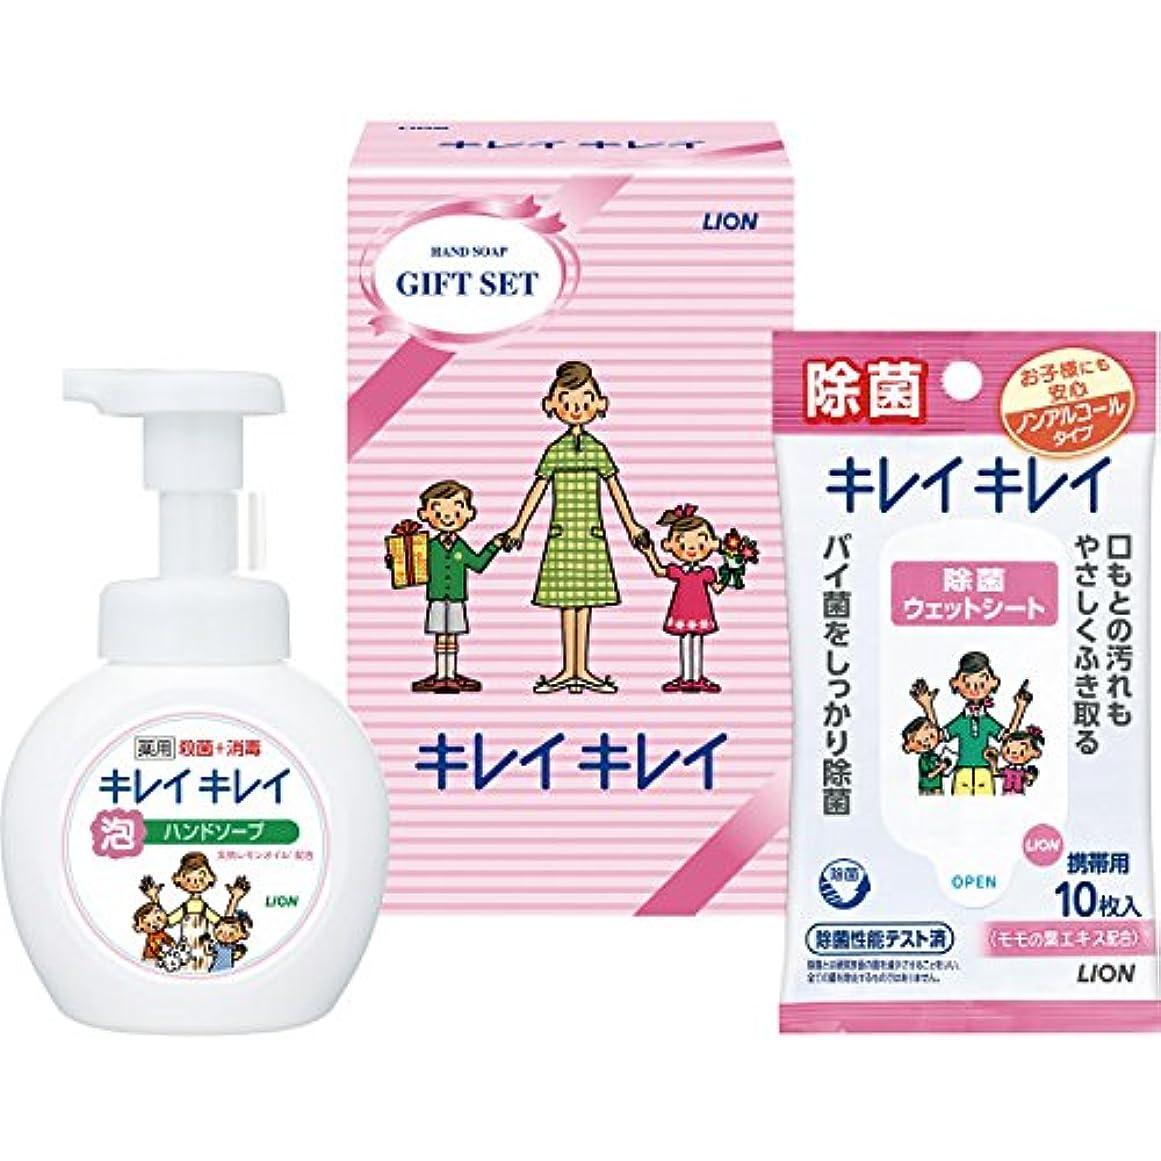 作業キネマティクス応答ライオン キレイキレイギフトセット 18-0558-014